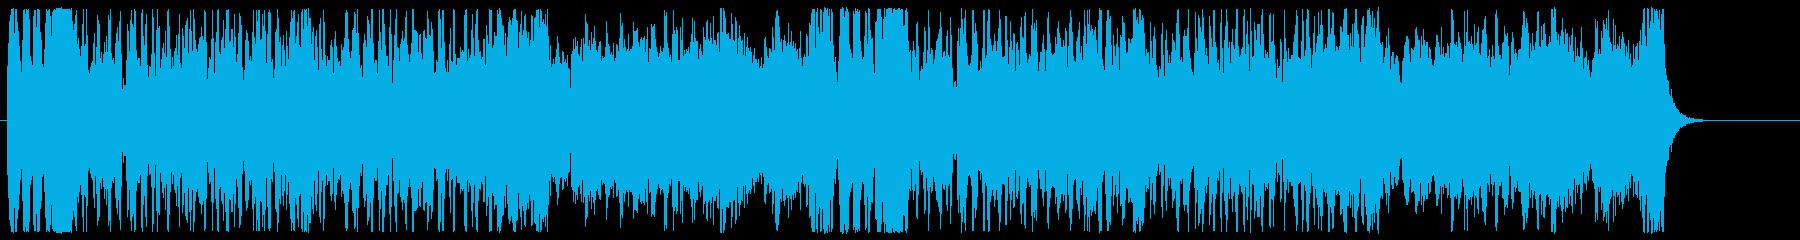 オーケストラ。ループ可。オープニングなどの再生済みの波形